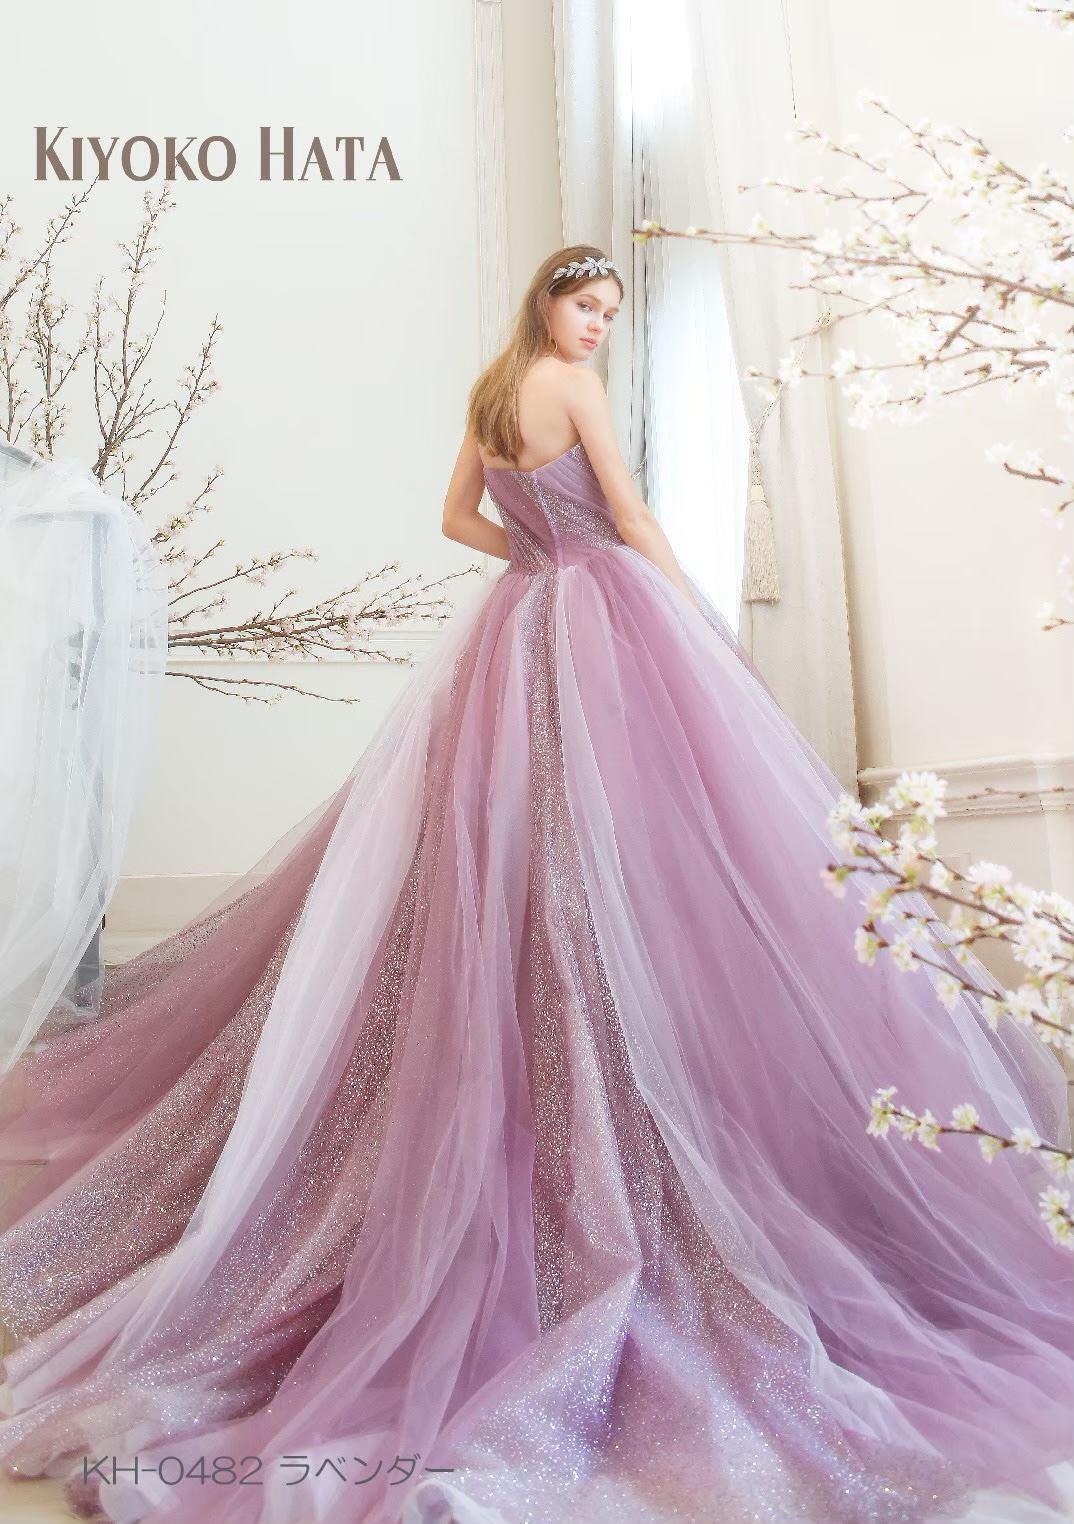 徳島市の結婚式場ブランアンジュ新作キヨコハタのドレス